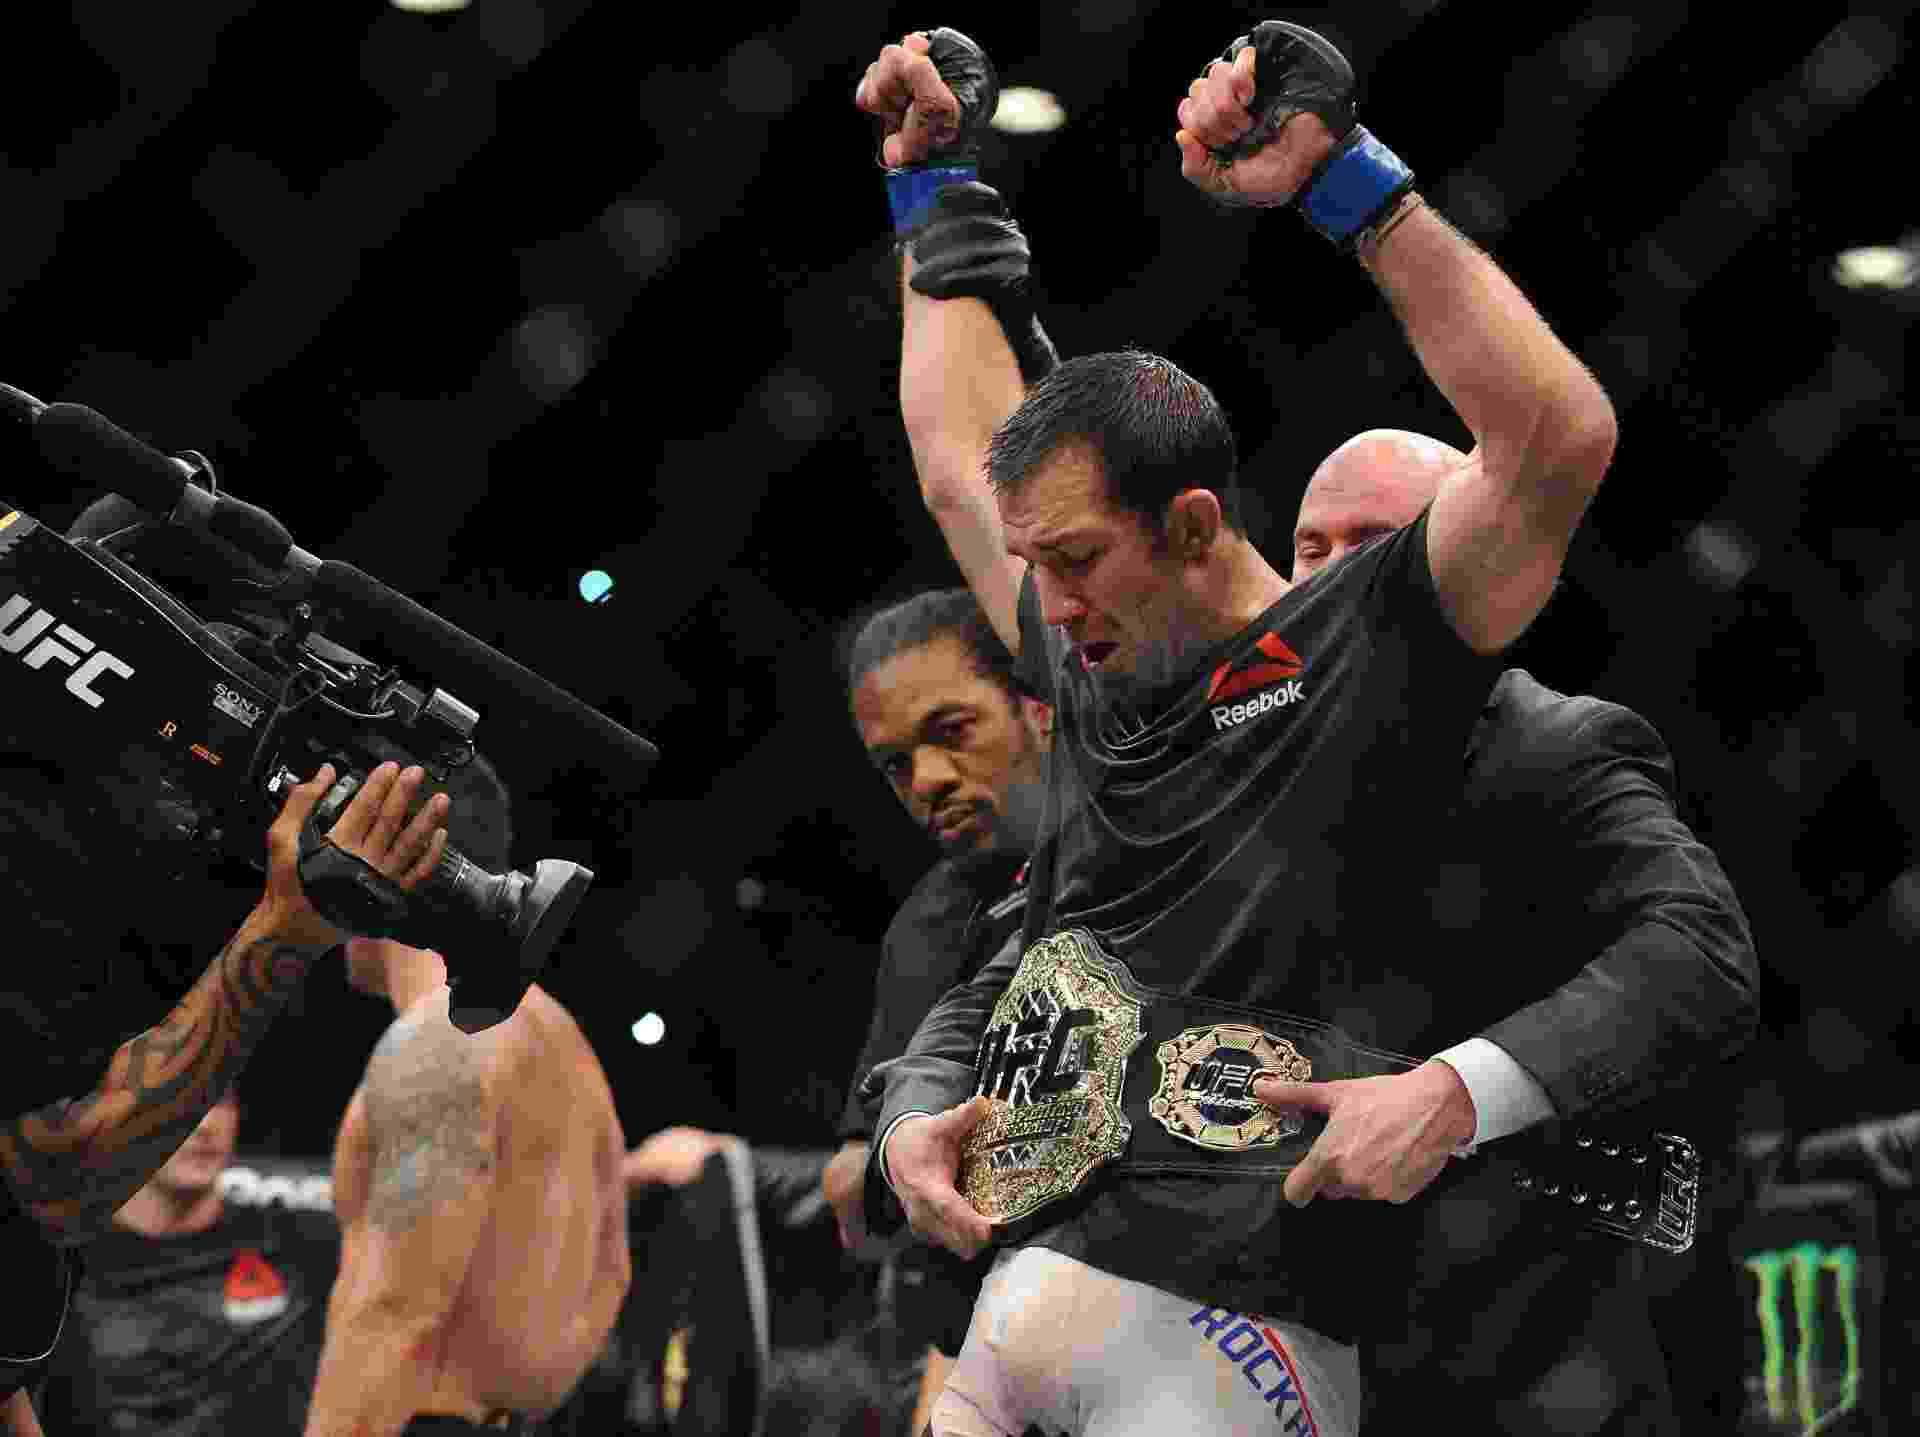 Luke Rockhold recebe o cinturão dos médios depois de vencer Chris Weidman no UFC 194 - Gary A. Vasquez/USA Today Sports